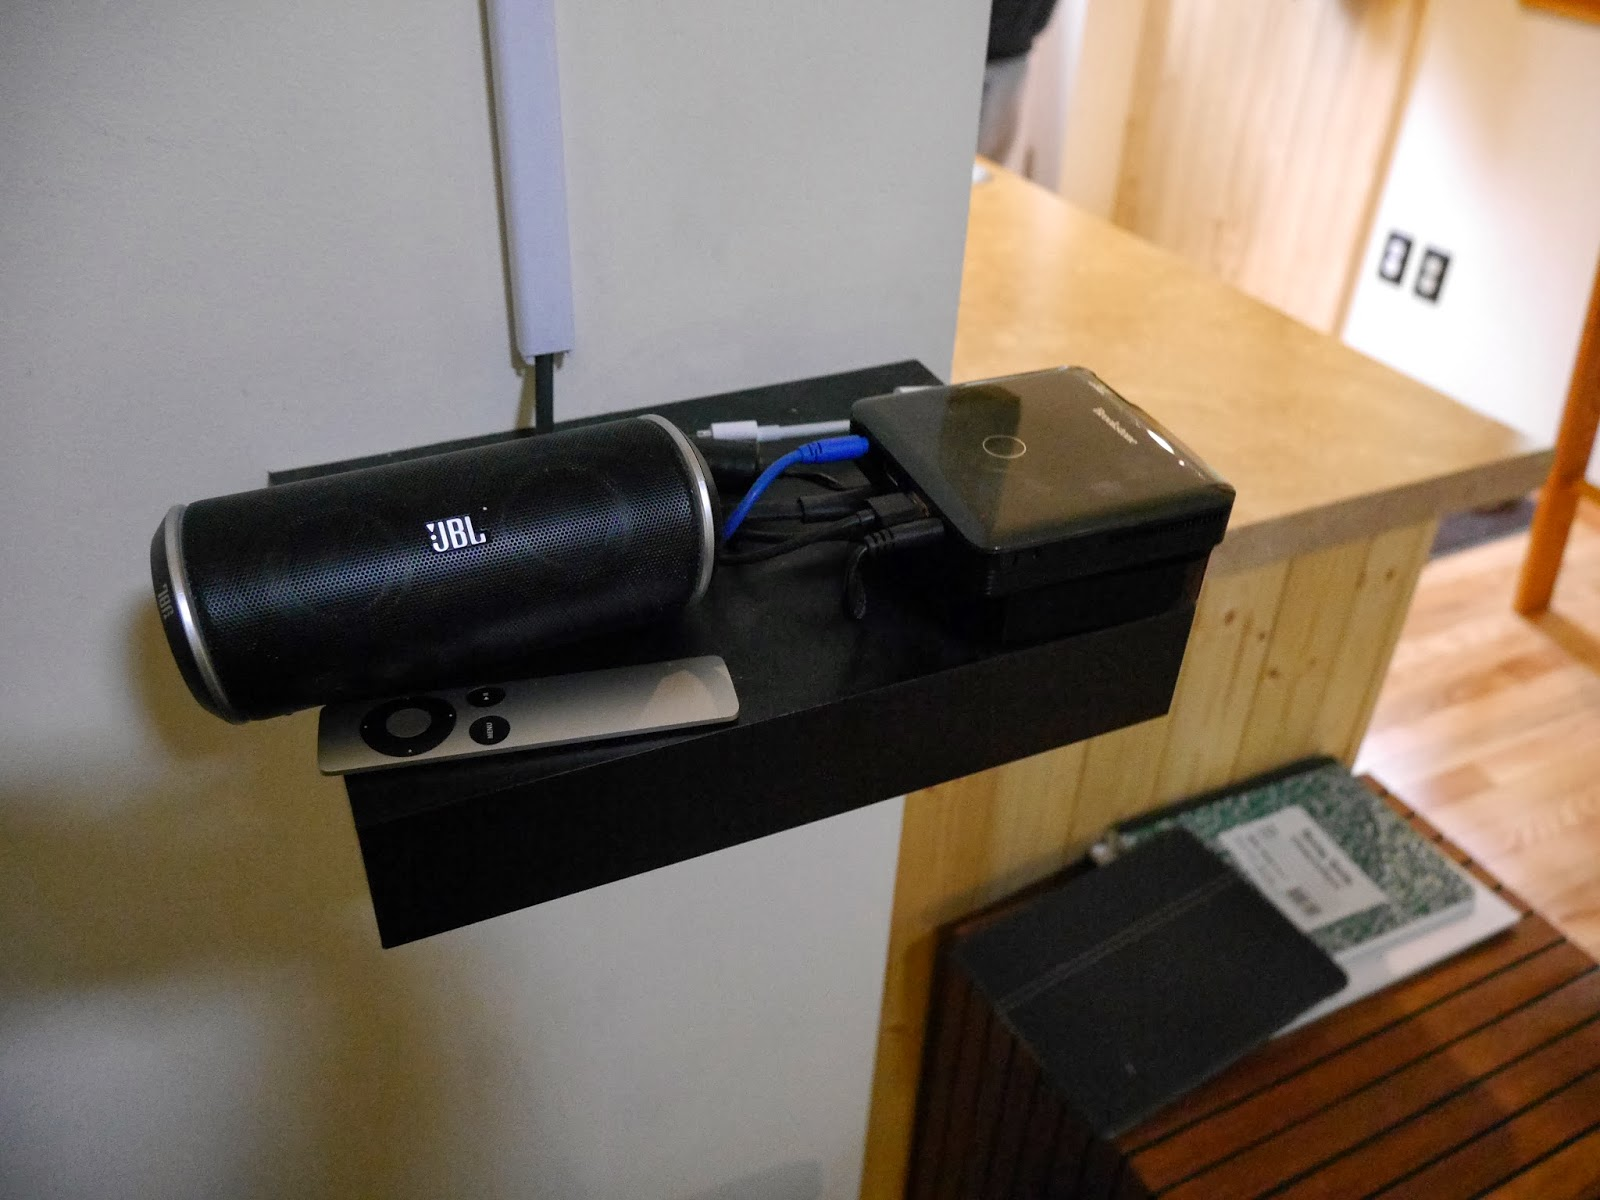 Relaxshackscom The Worlds Smallest SOLAR powered TV